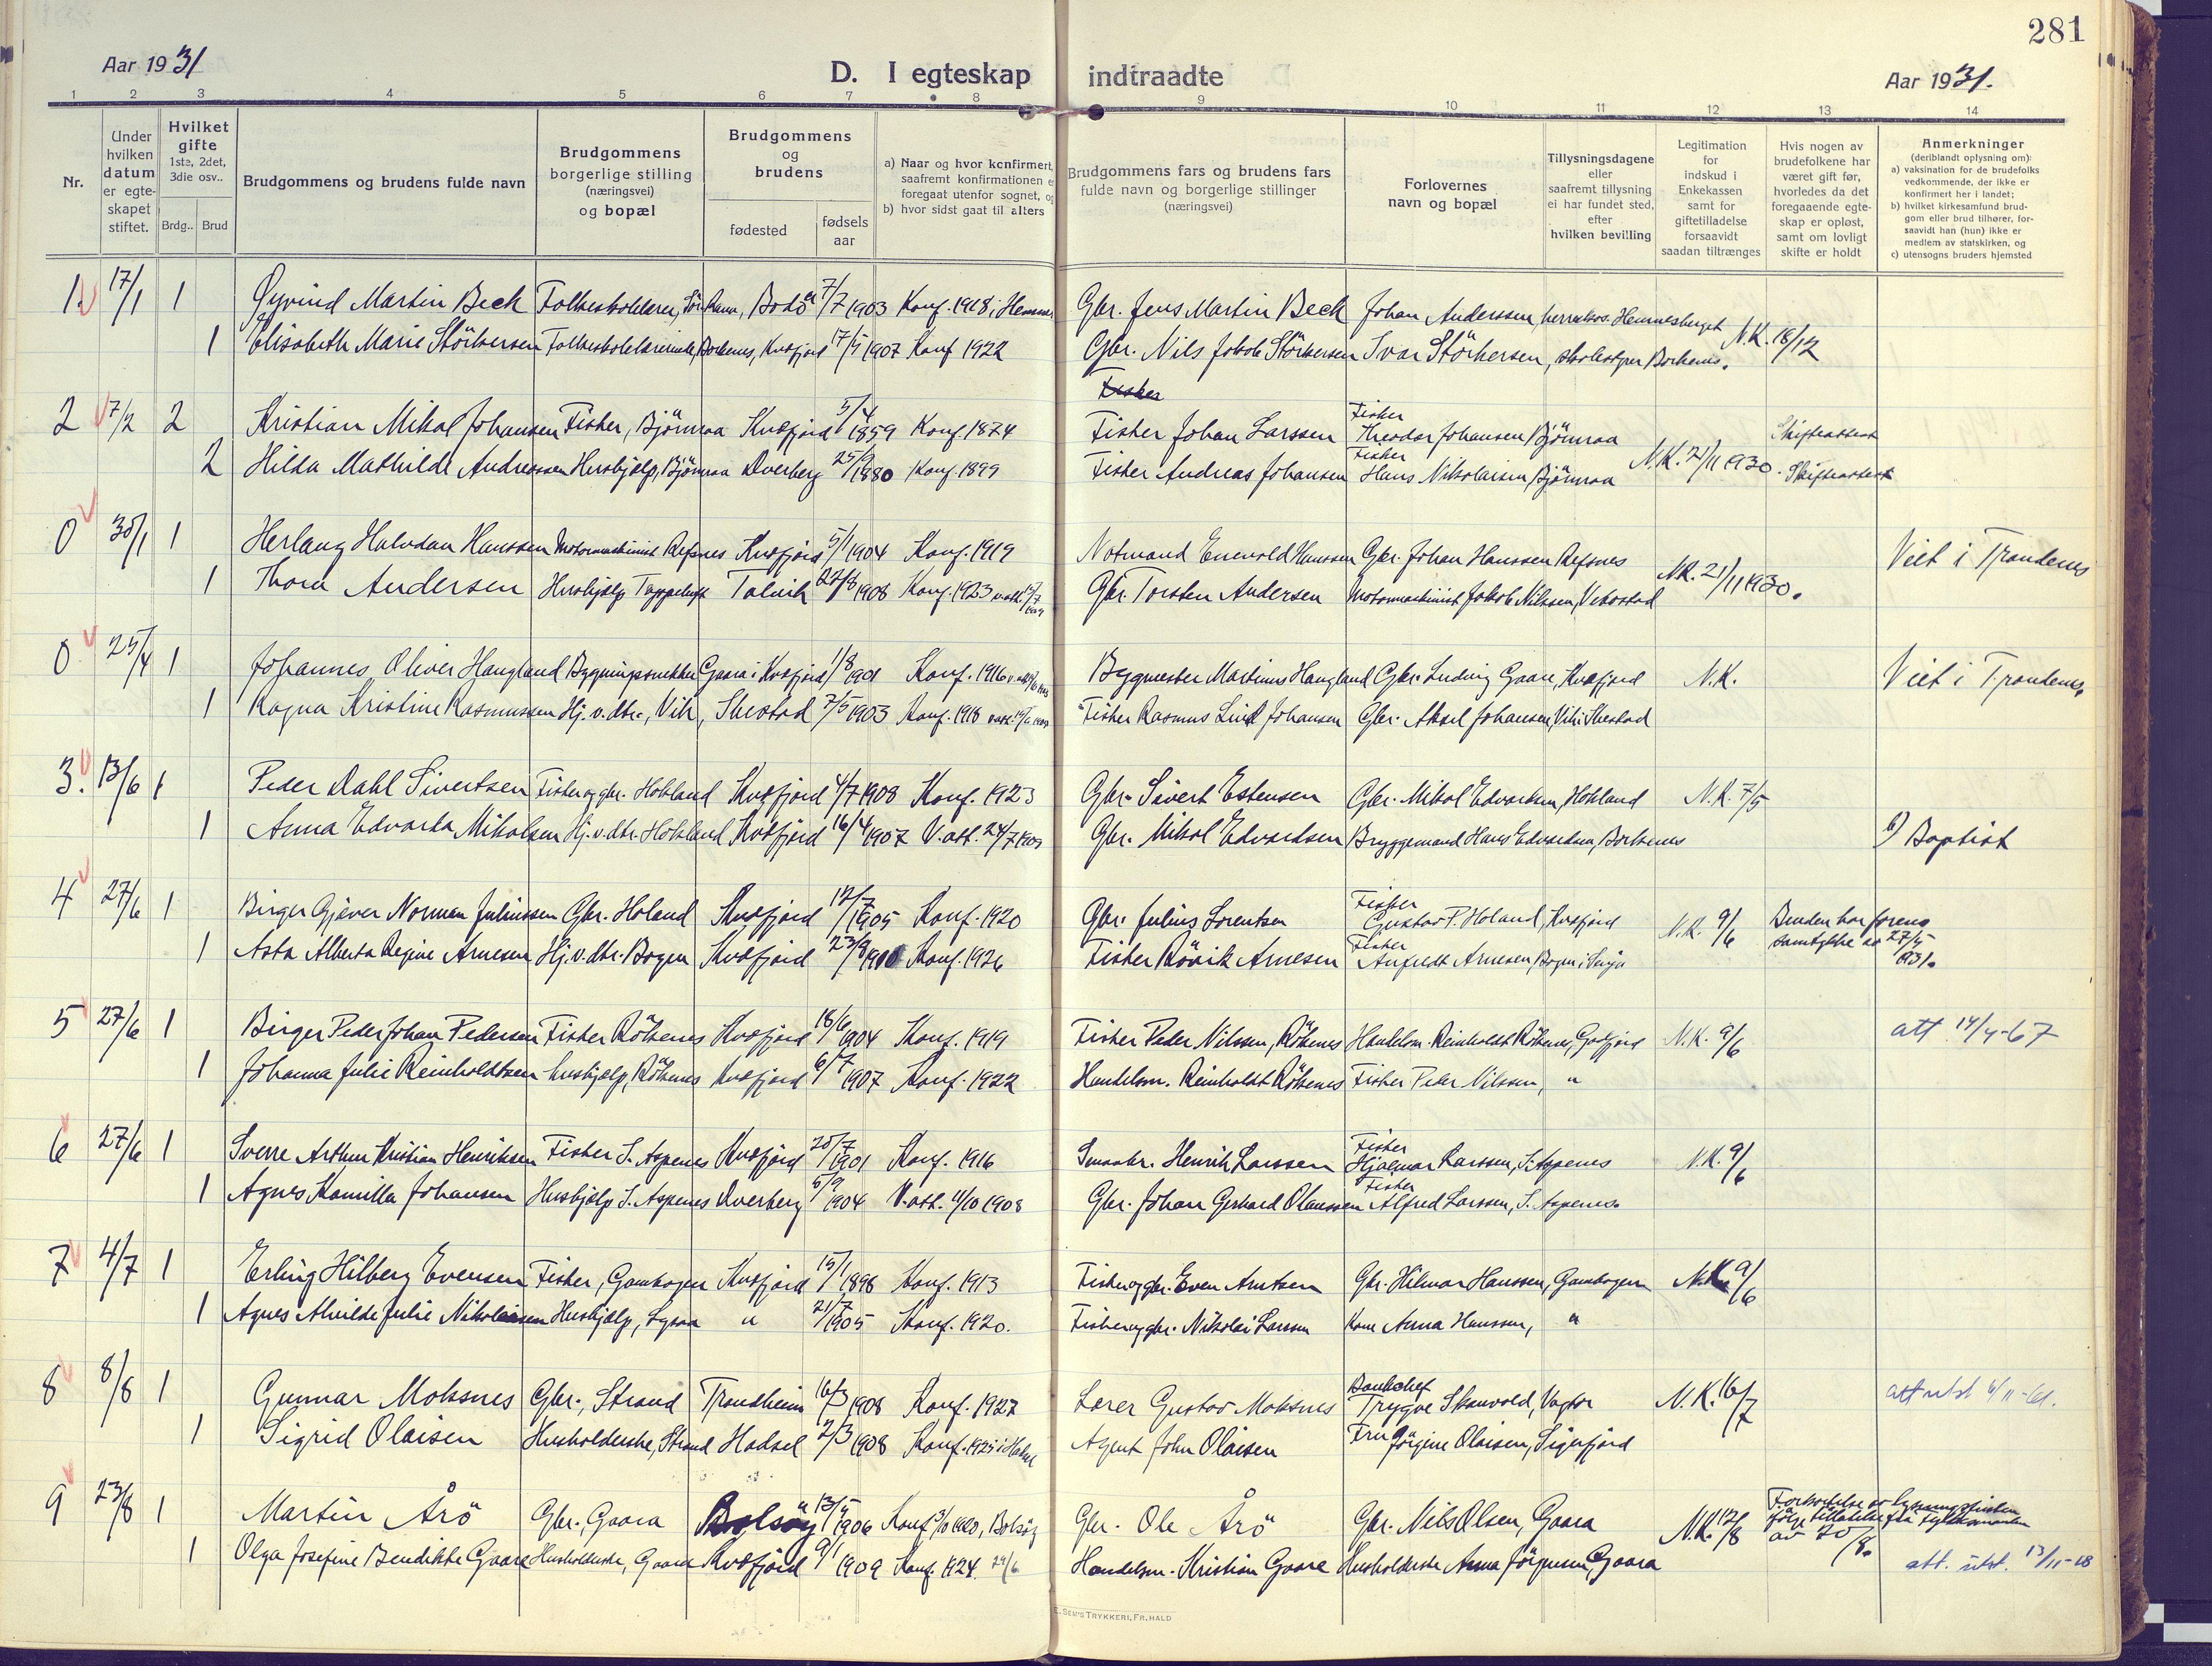 SATØ, Kvæfjord sokneprestkontor, G/Ga/Gaa/L0007kirke: Ministerialbok nr. 7, 1915-1931, s. 281